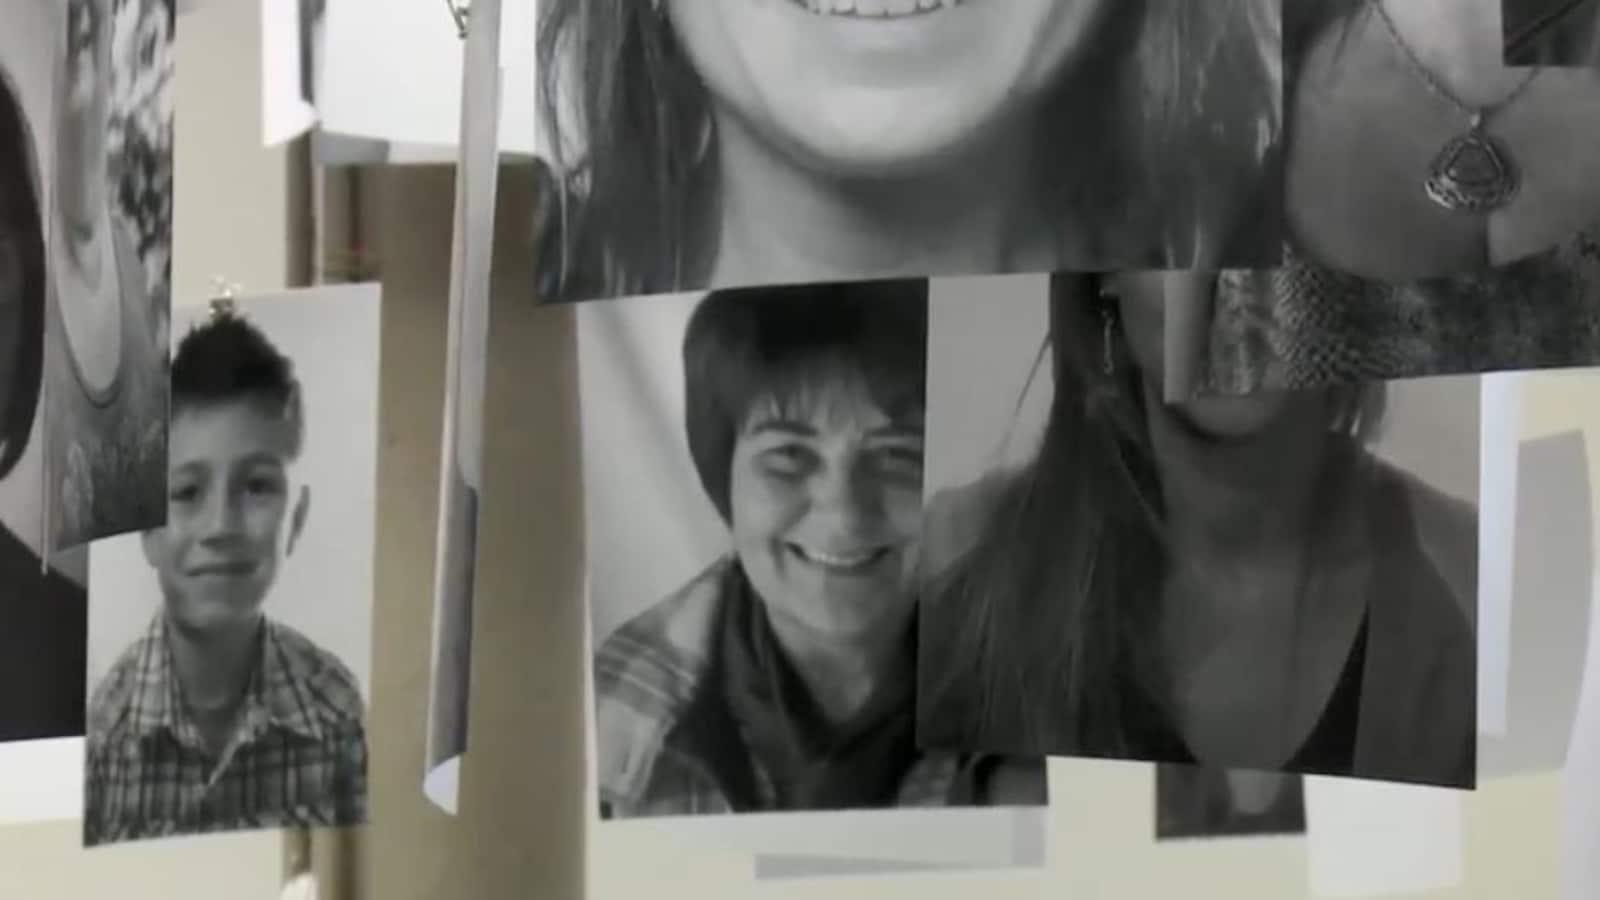 Des portraits en noir et blanc suspendus au plafond.